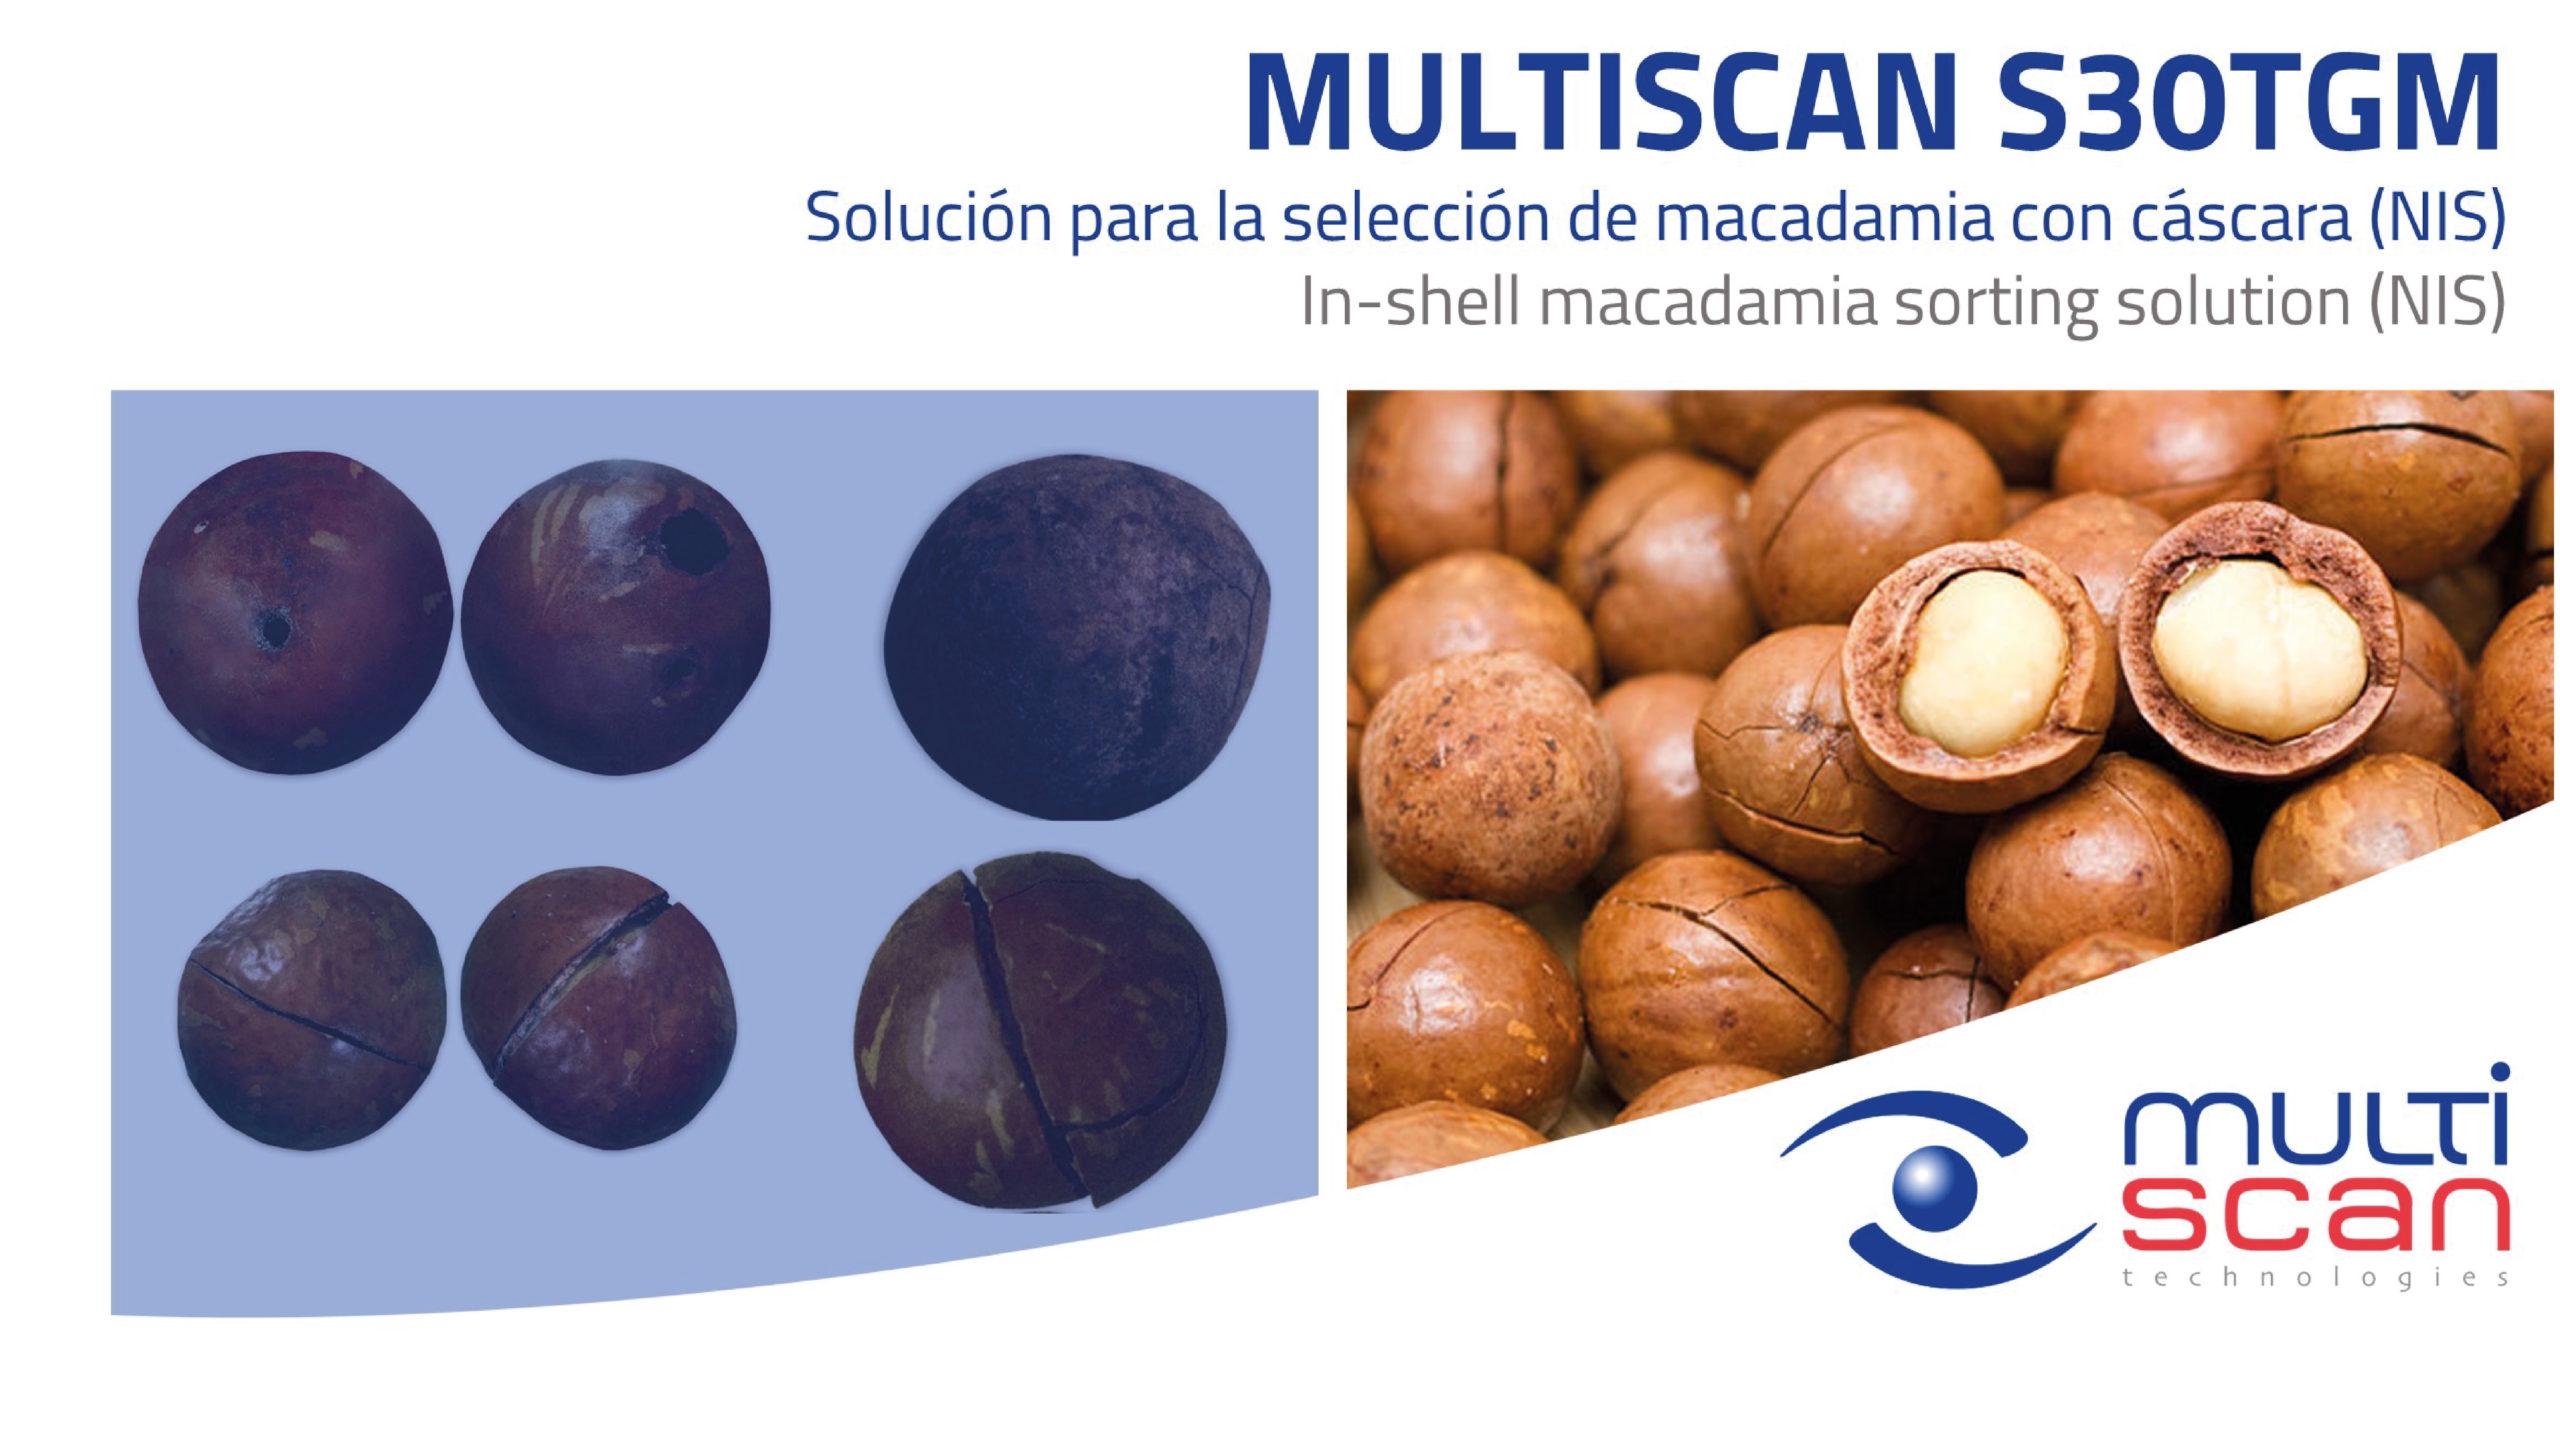 Multiscan S30TGM, selección por calidad para macadamia con cáscara